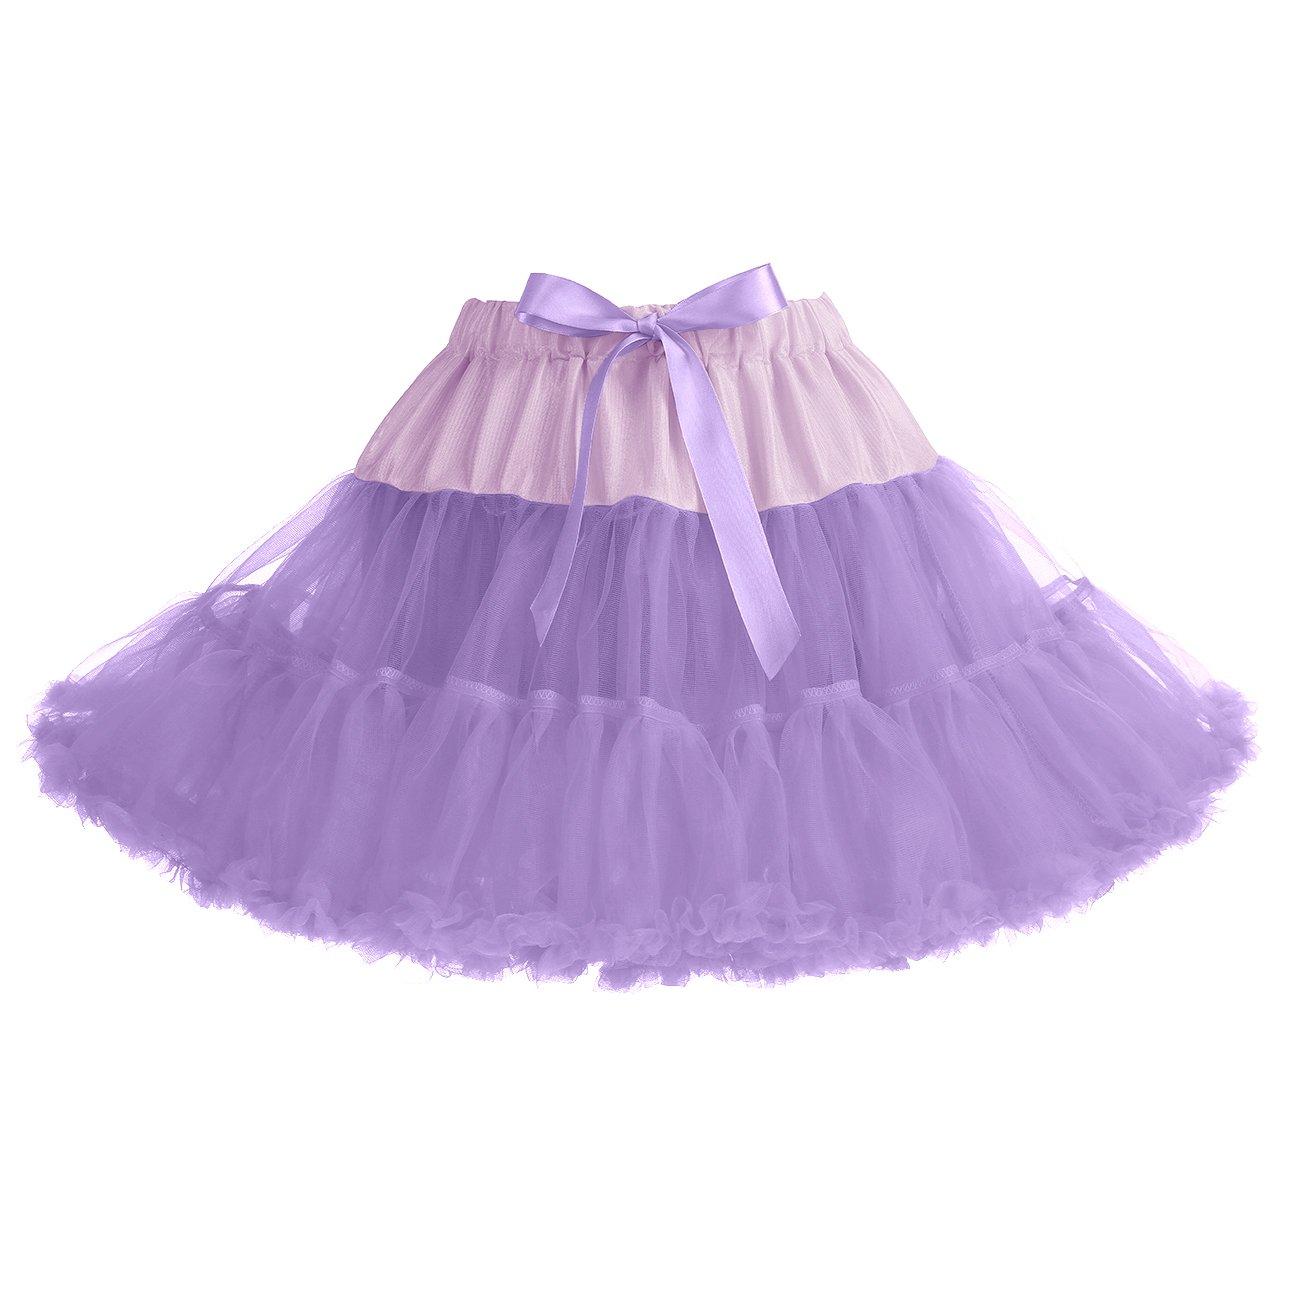 IVNIS RS90010 Women's Petticoat Tutu Skirt 2 Layered Ballet Dance Pettiskirt Mini Skirt Lavender S by IVNIS (Image #1)